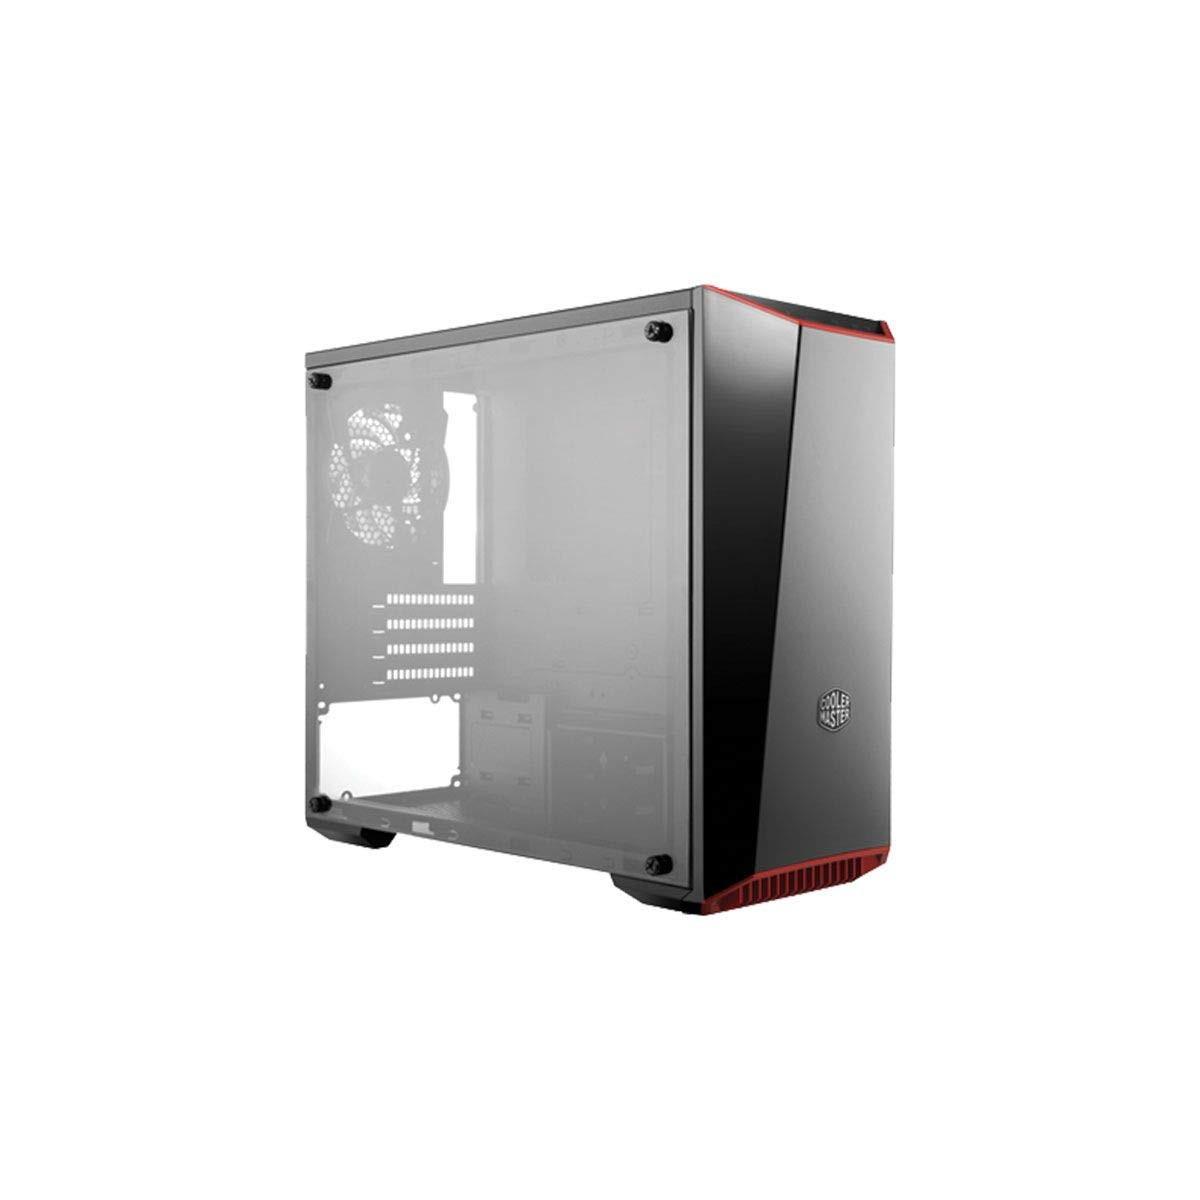 Caja PC mATX Cooler Master MasterBox Lite 3.1 Con Ventana